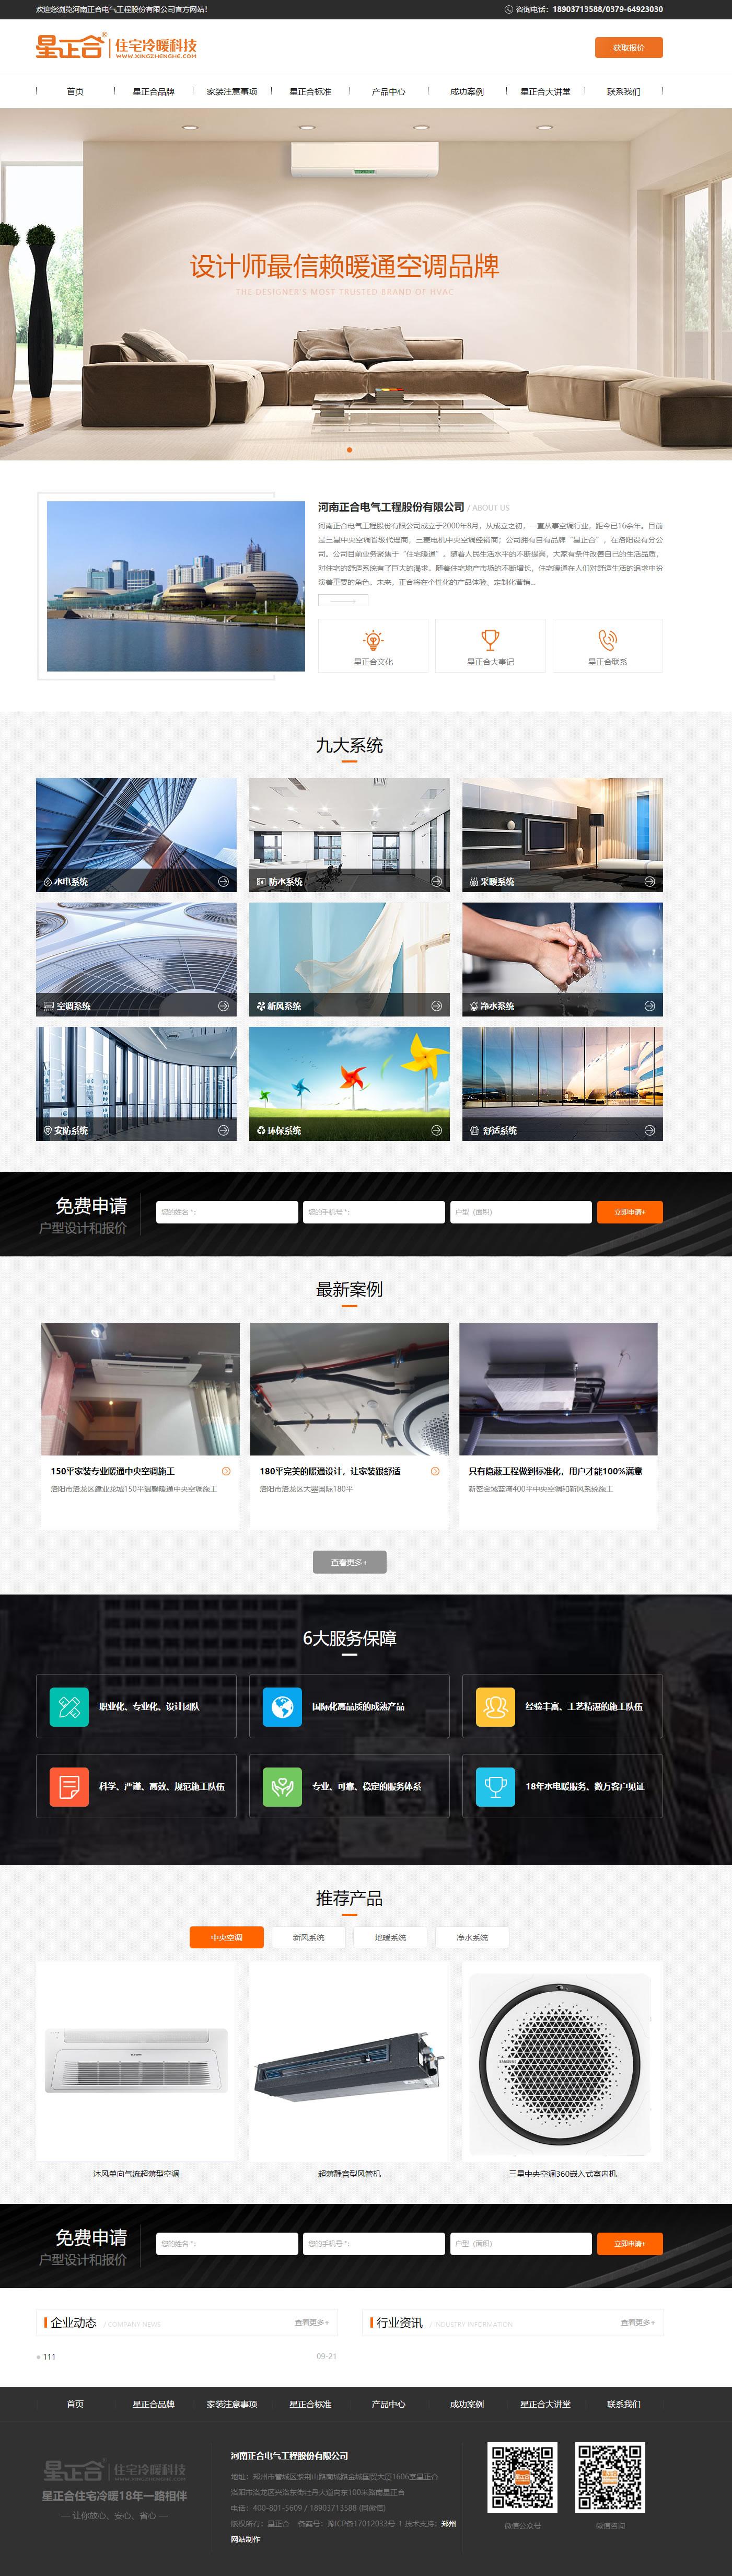 河南正合电气工程股份有限公司网站案例